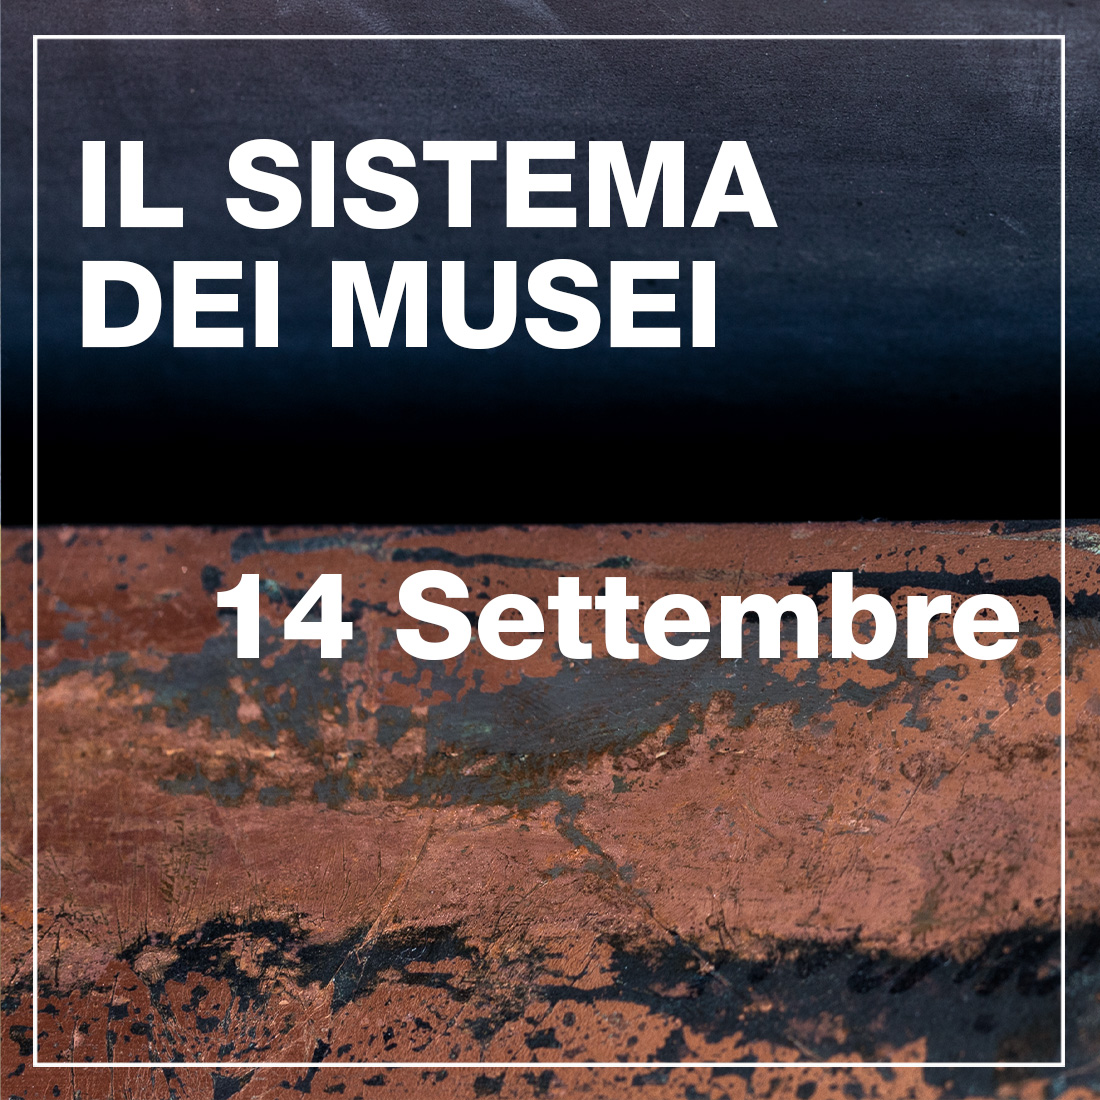 Il Sistema Musei - 14 settembre